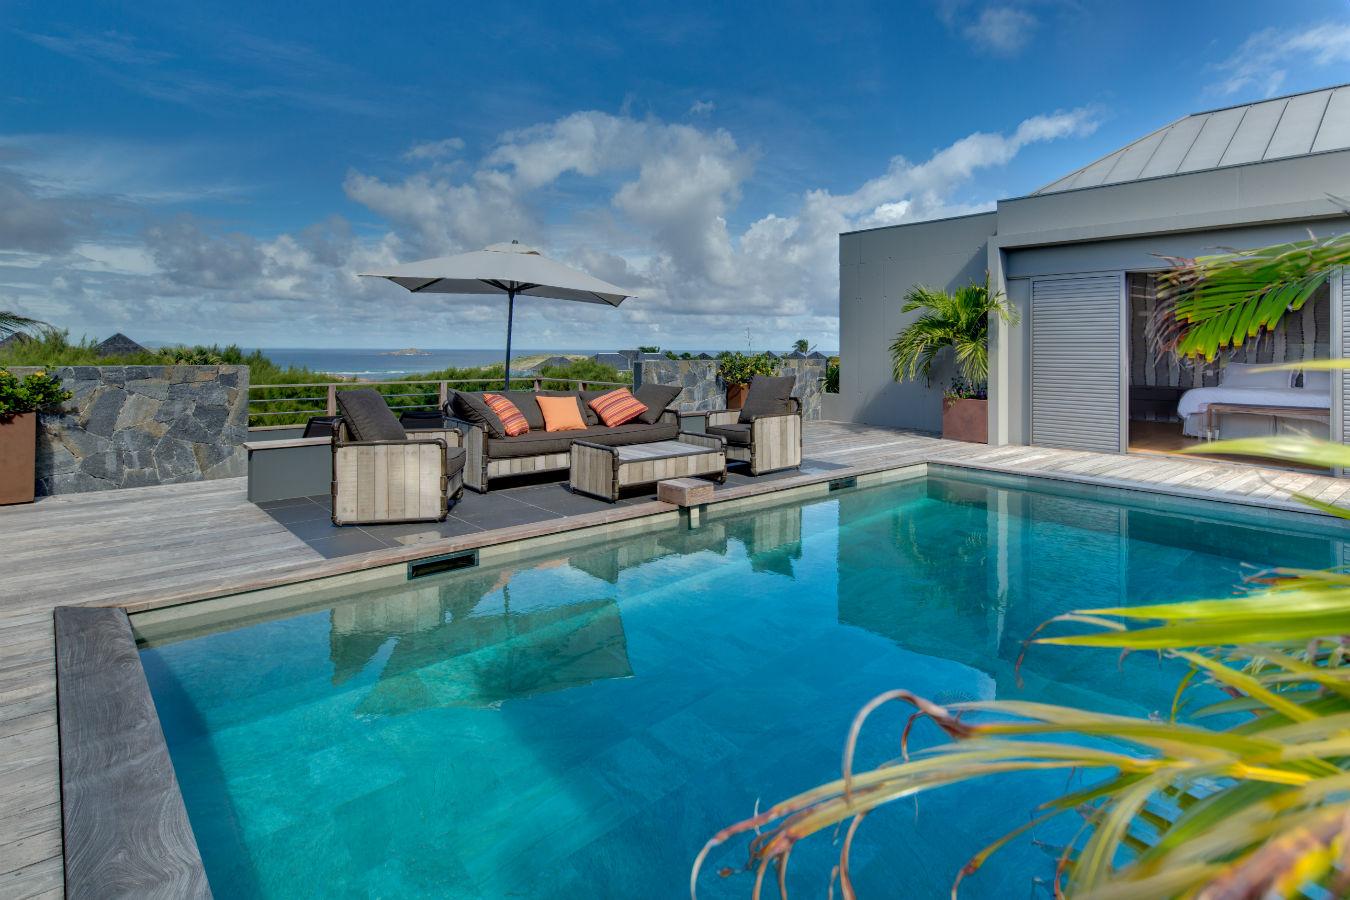 Location villa de luxe st barth avec piscine priv e - Location de piscine privee ...